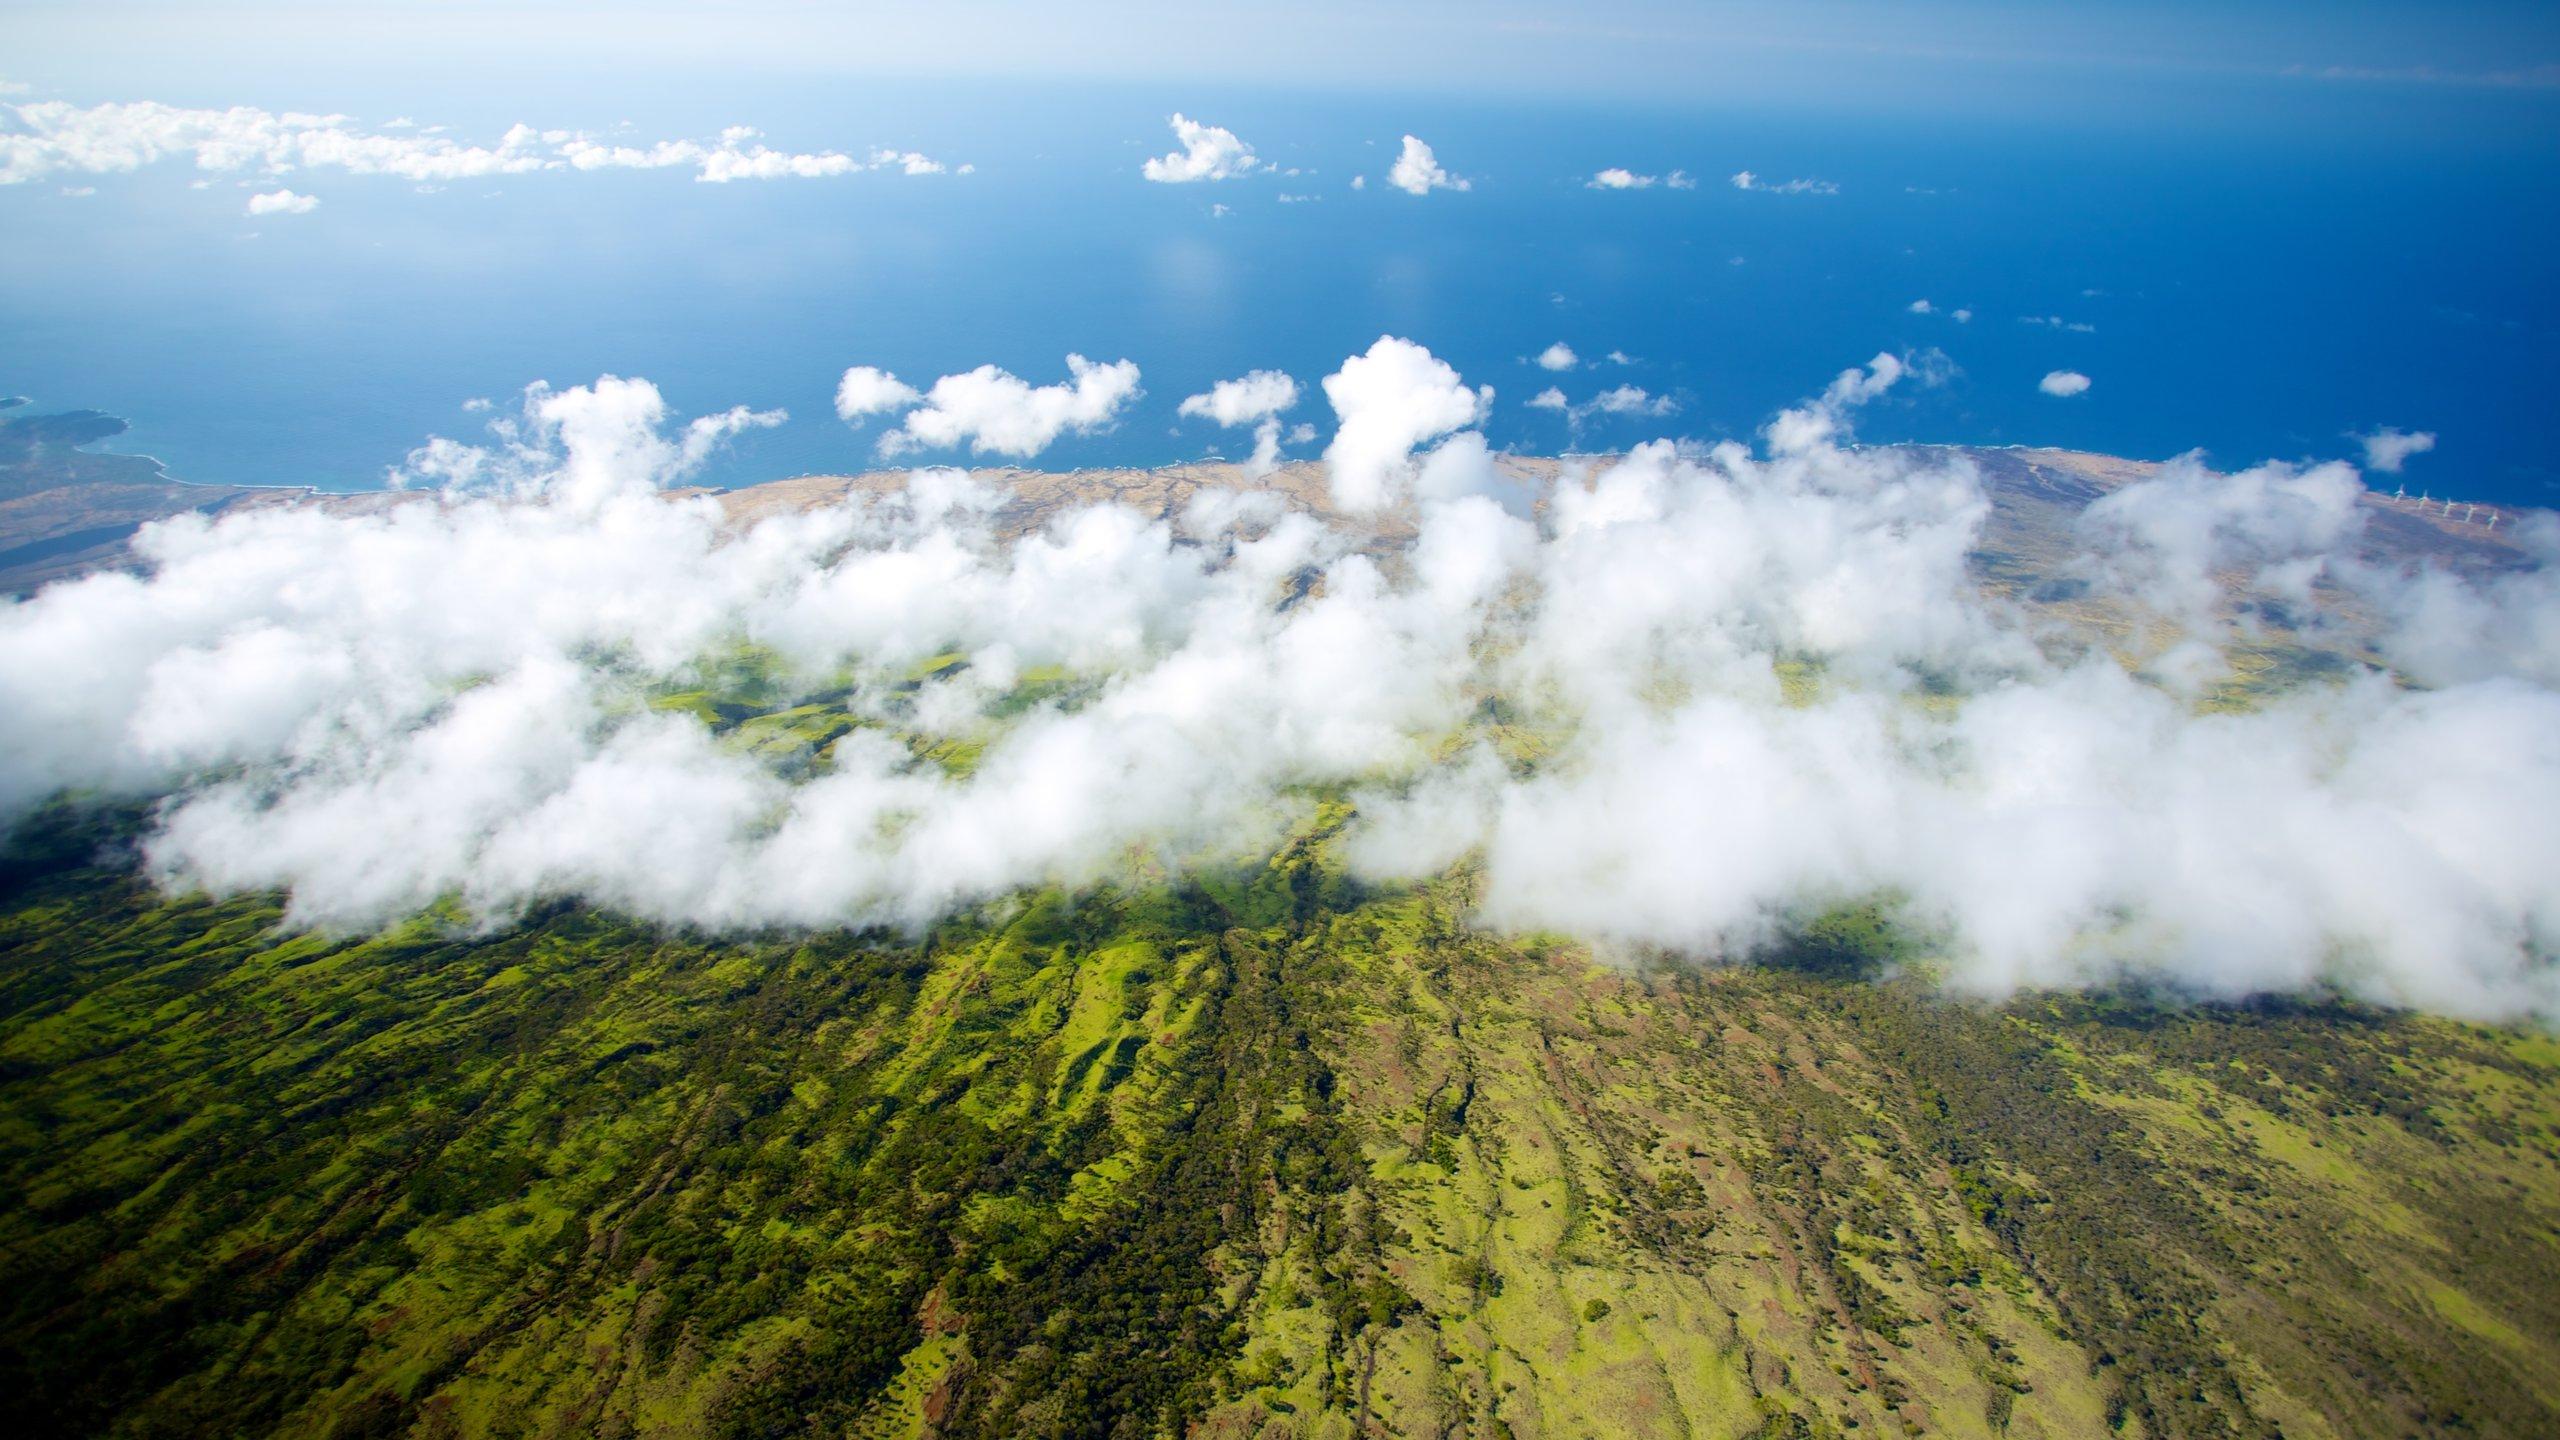 Maui County, Hawaii, USA